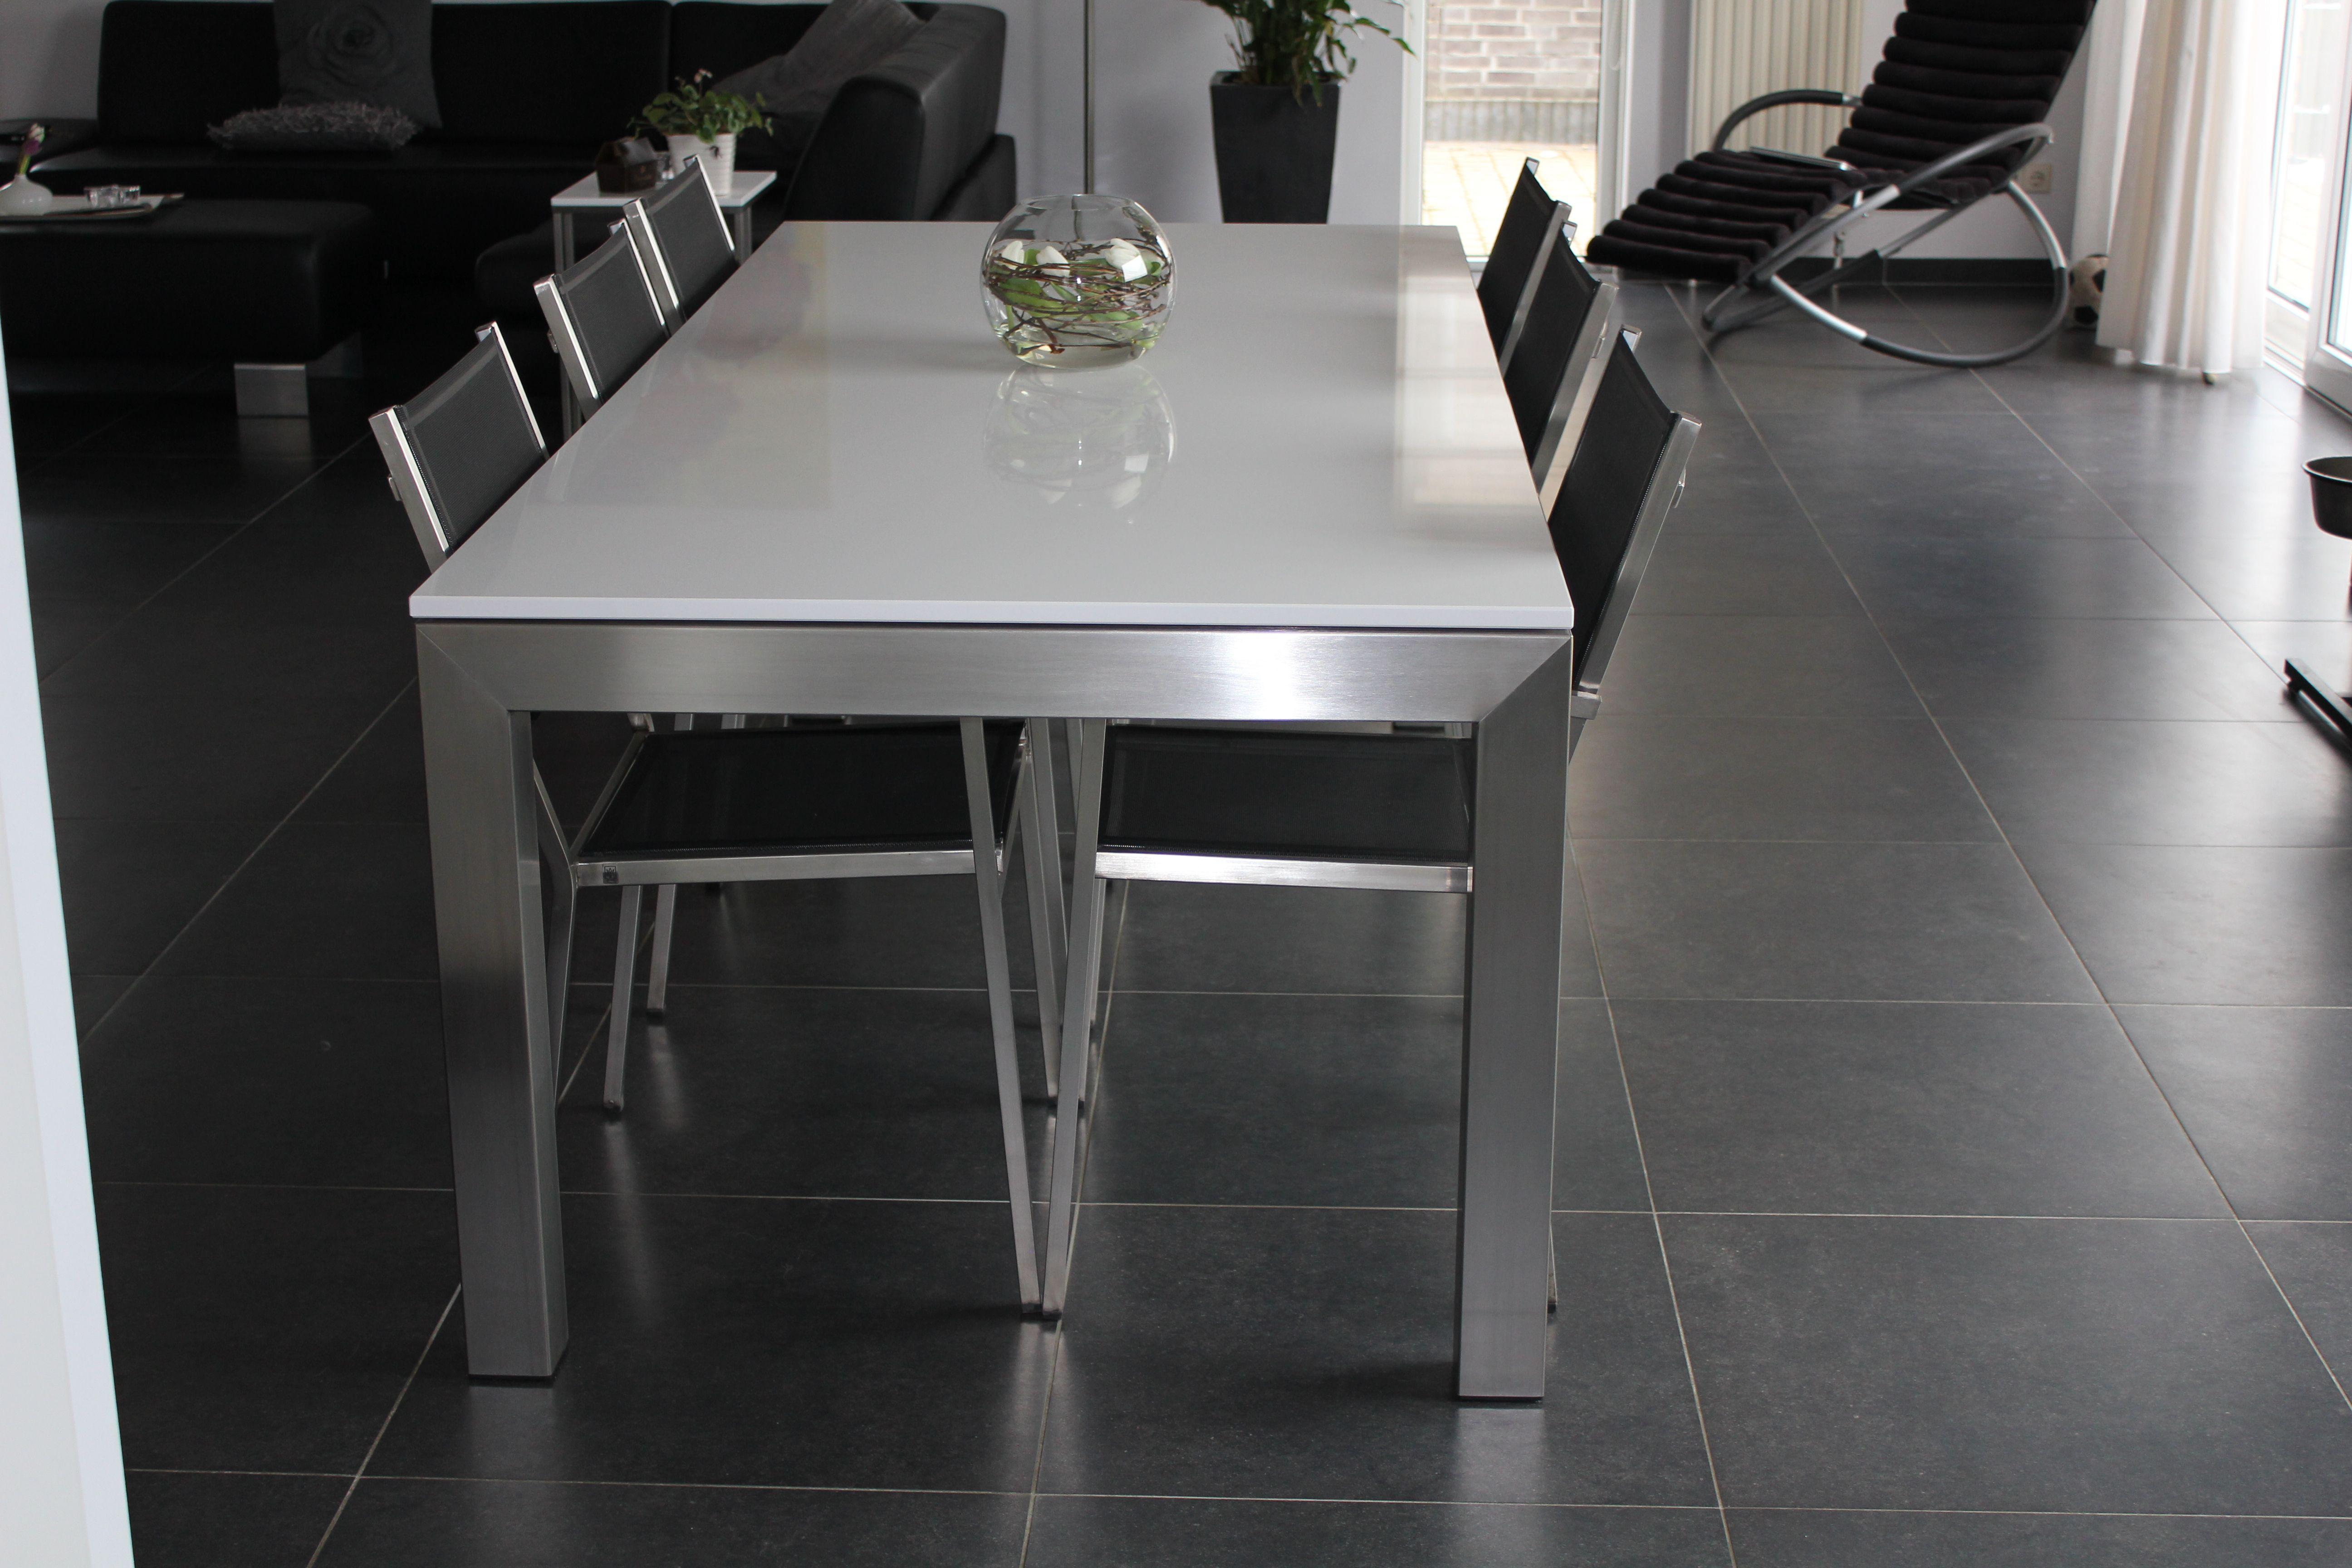 Glazen Rvs Tuintafel.Moderne Tafel Met Rvs Tafelpoten En Glazen Tafelblad